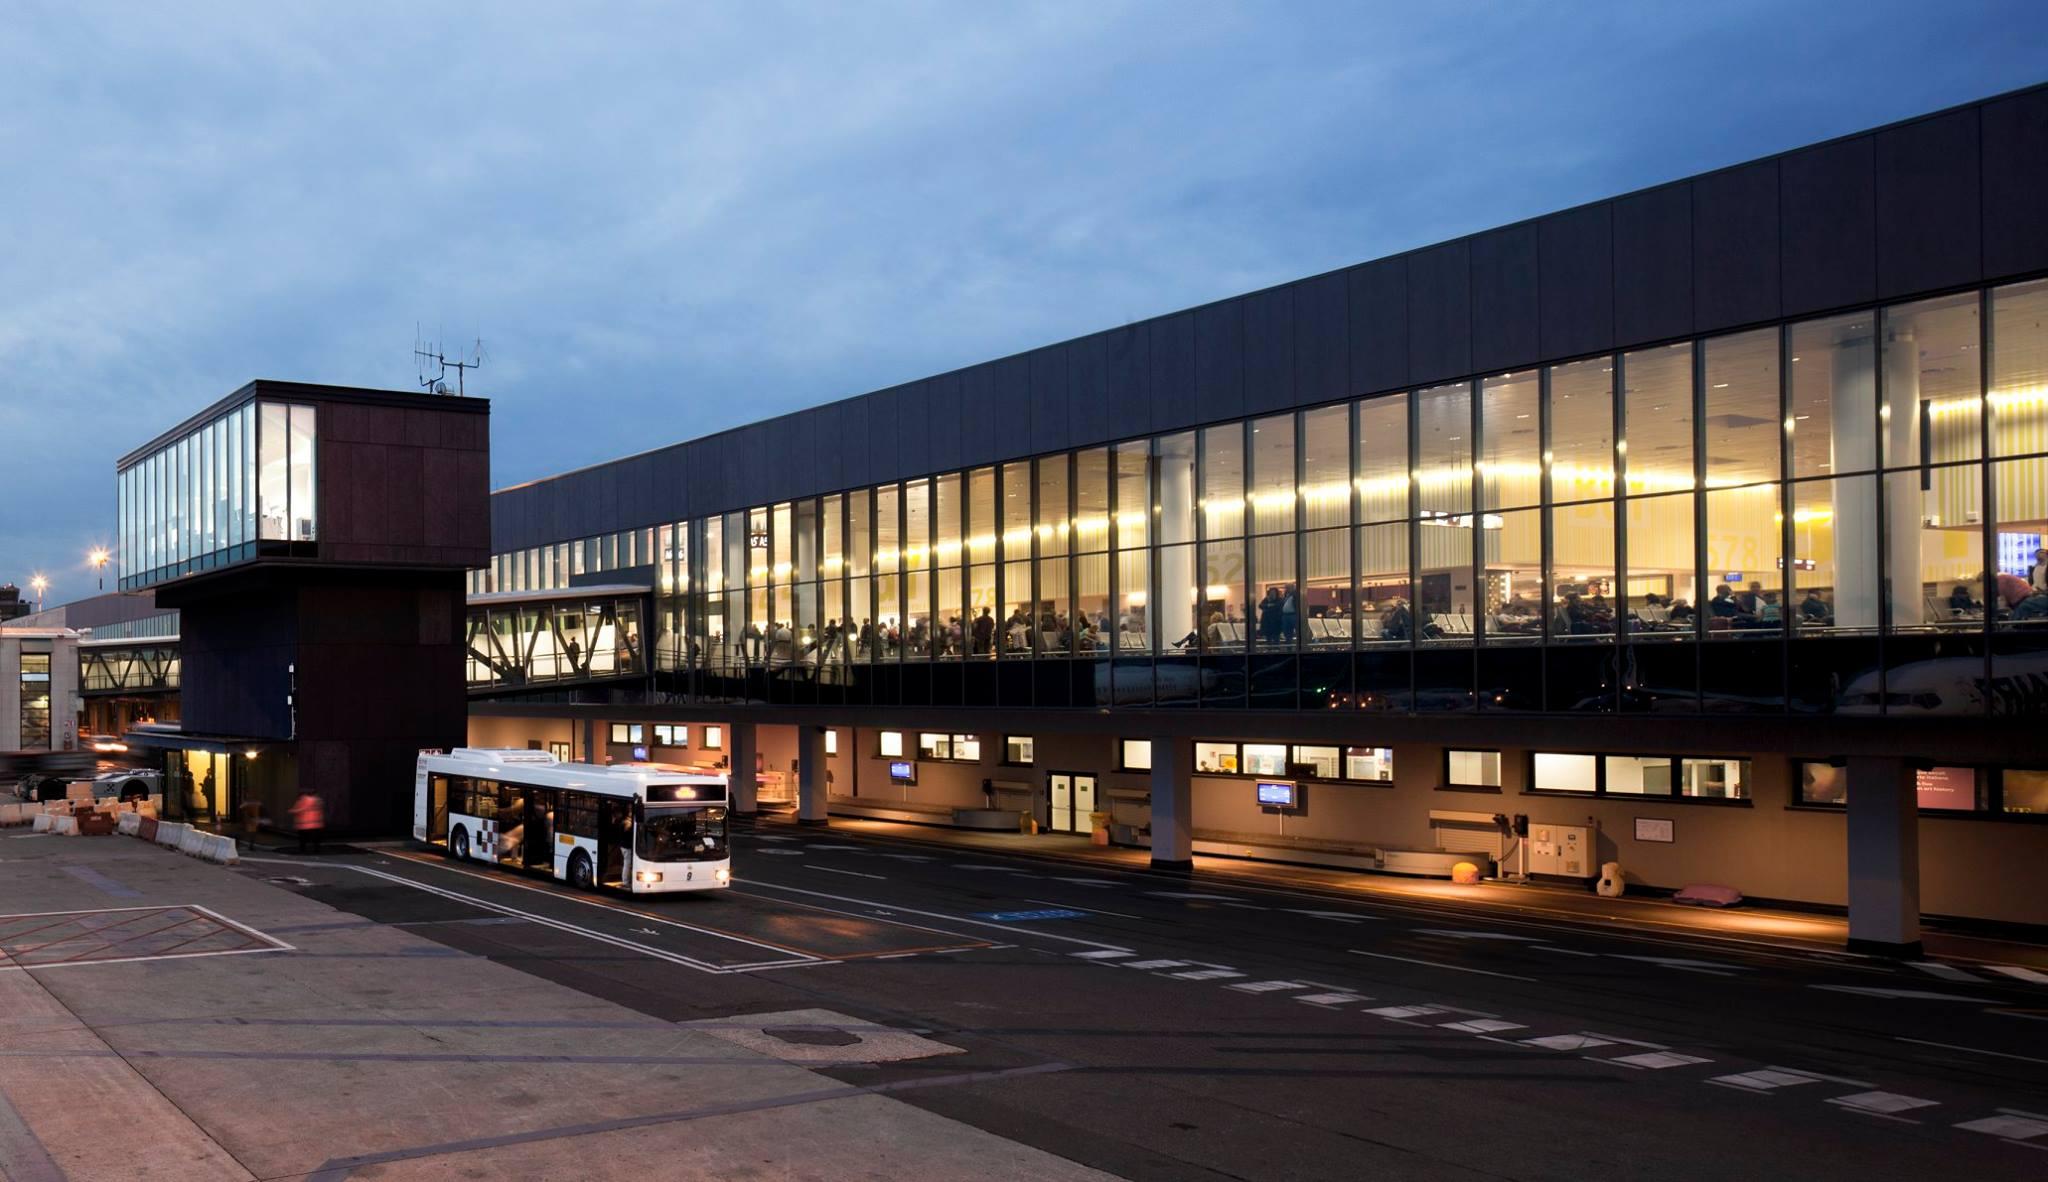 Aeroporto Orio Al Serio : Aeroporto ricavi in crescita del per cento bergamosera news